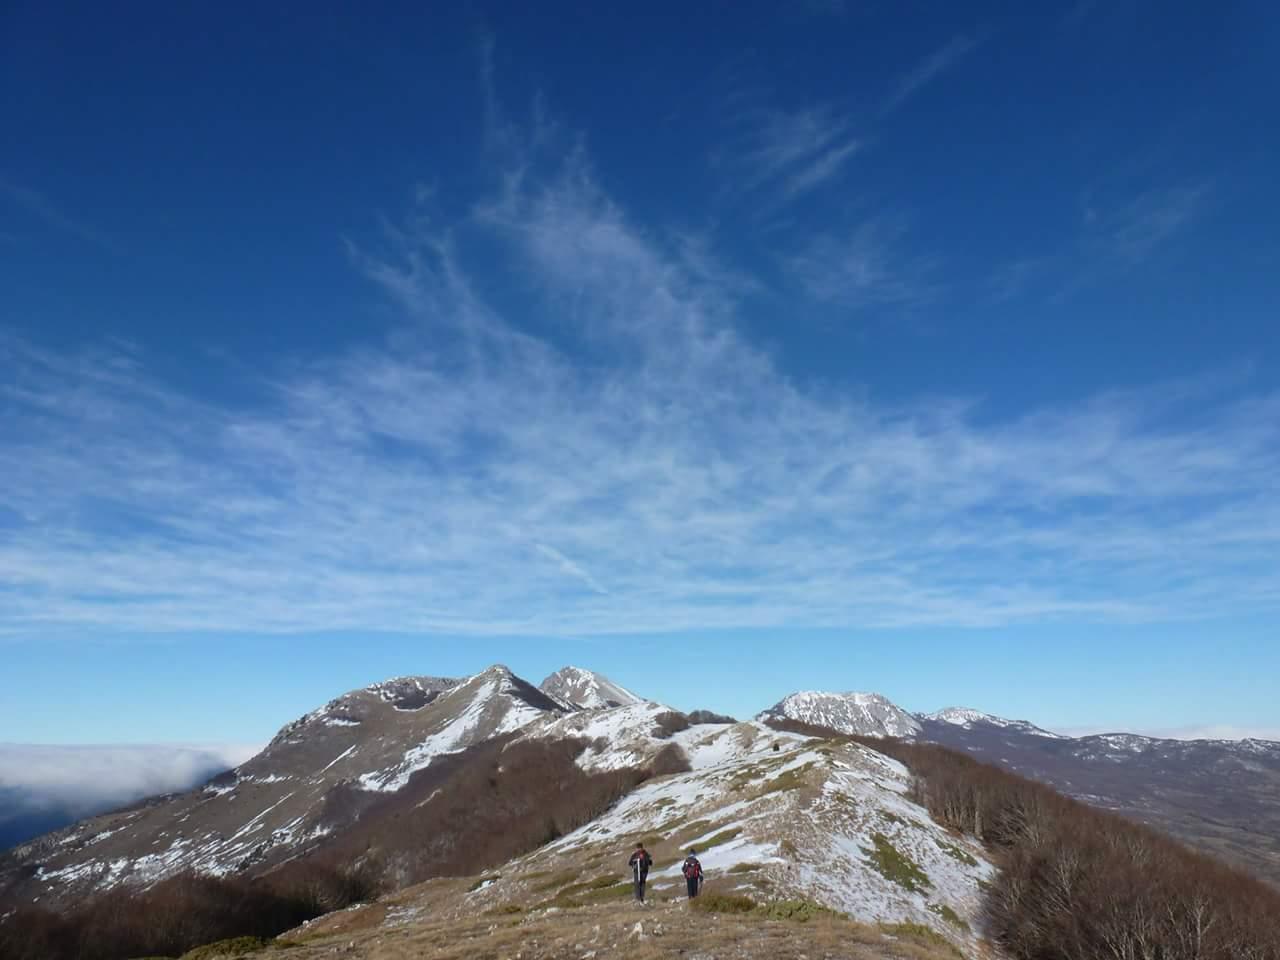 meteo di giovedì 27 e venerdì 28: prosegue il bel tempo, freddo tra la notte  e il mattino nelle aree interne vallive